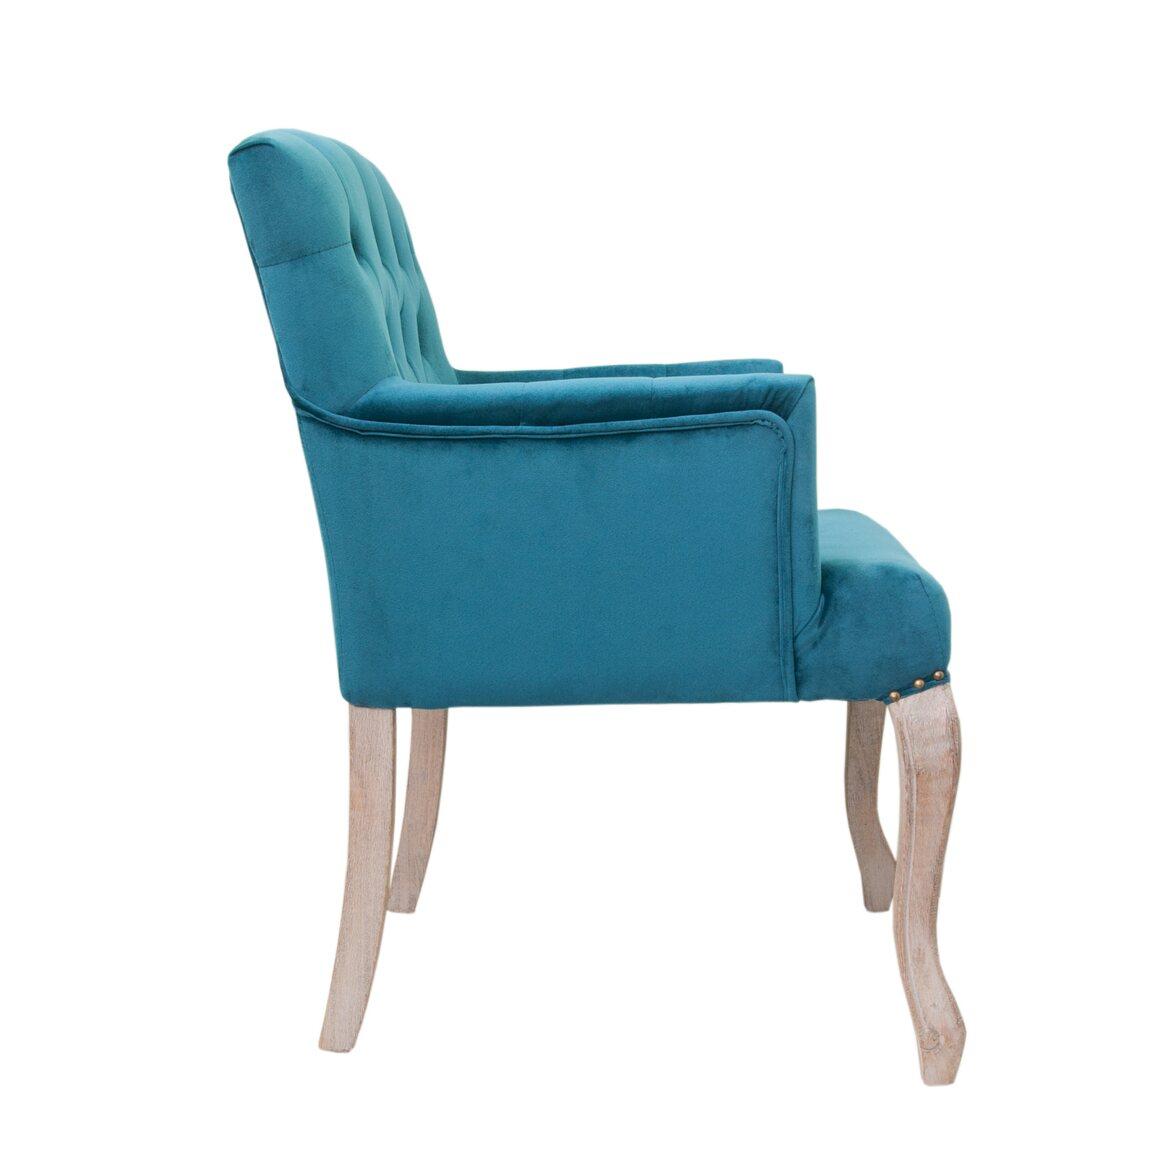 Кресло Deron blue ver.2 2 | Кресло-стул Kingsby